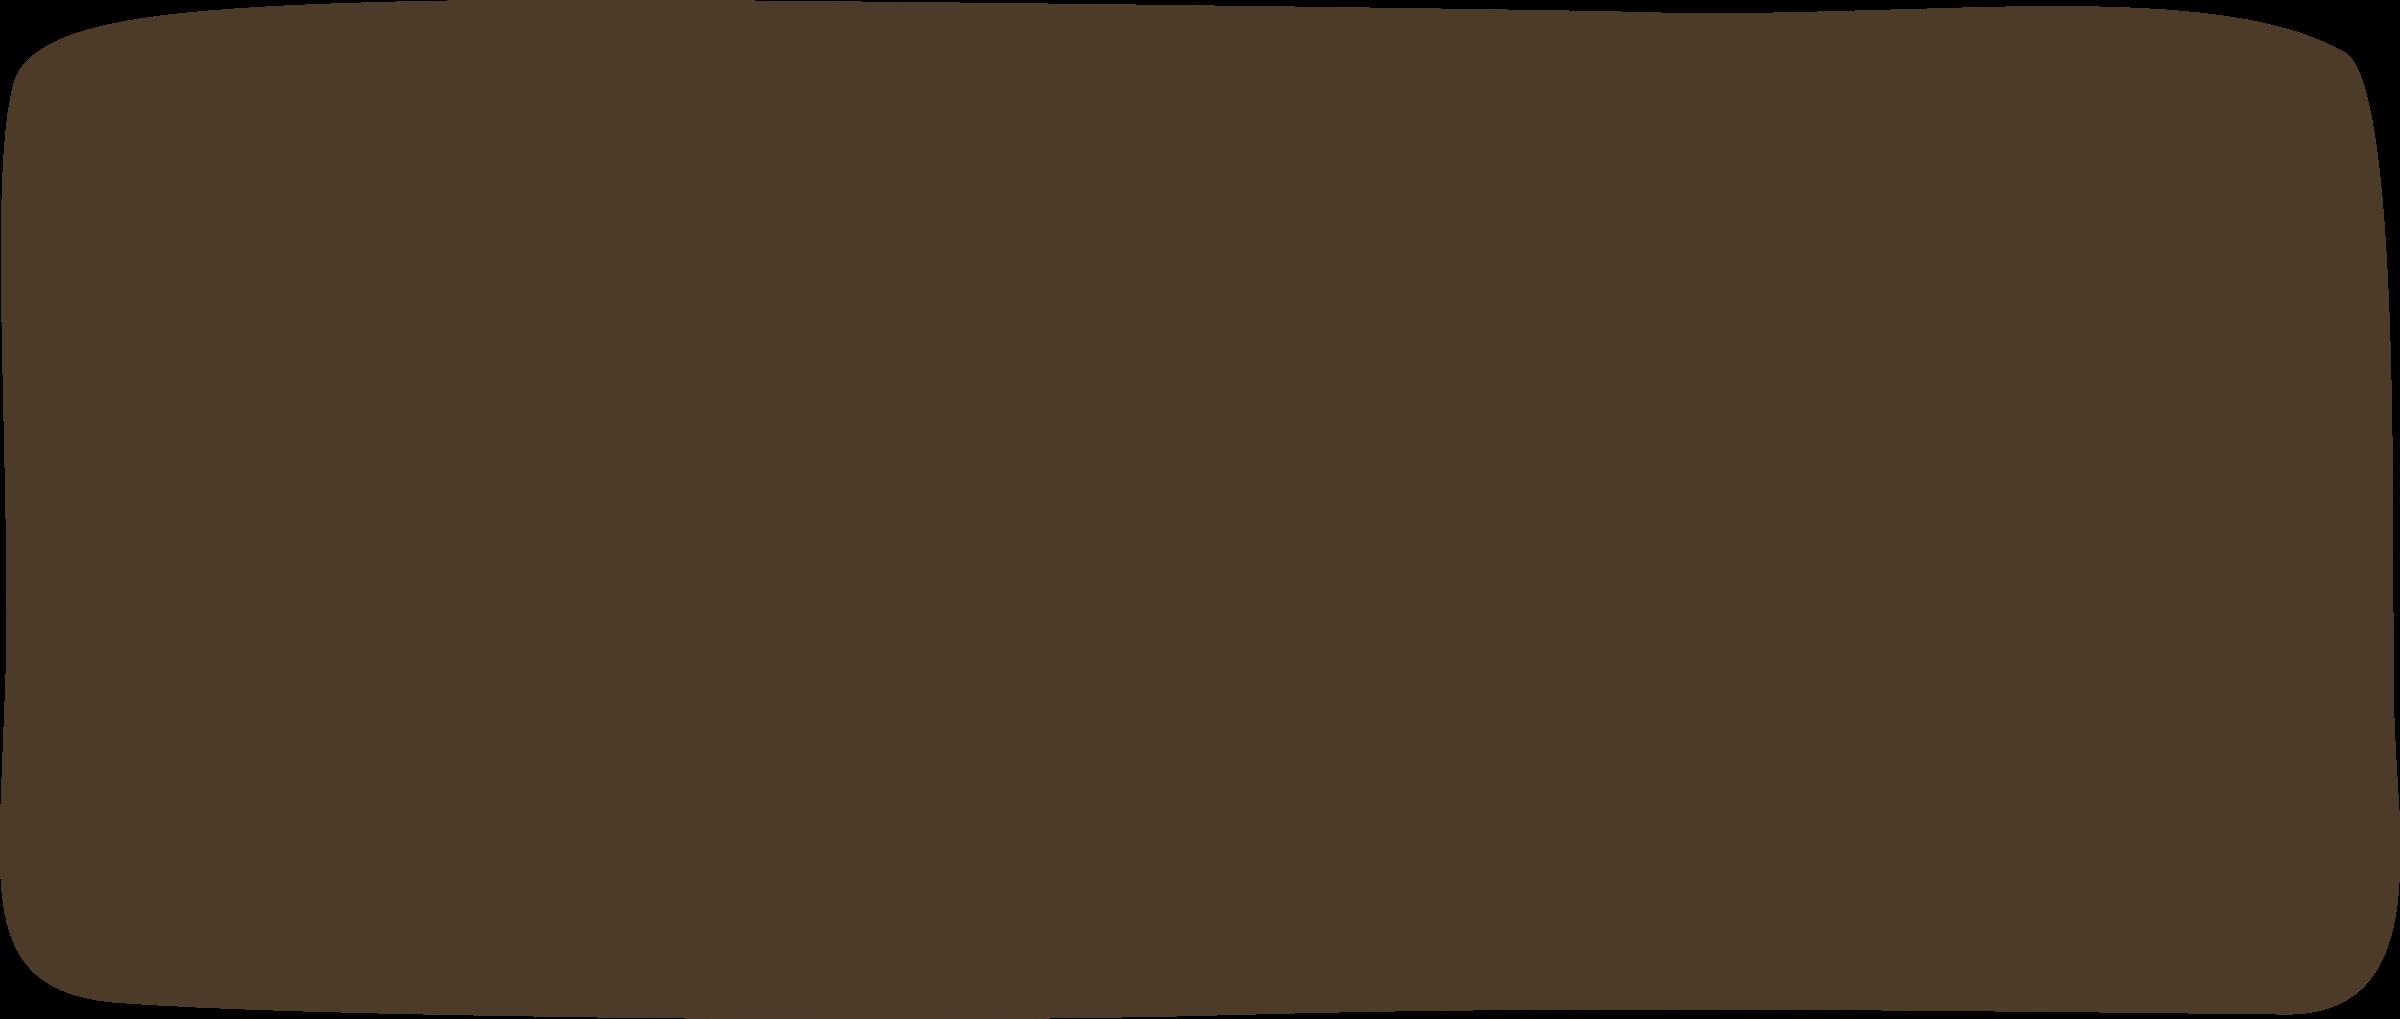 Dirt clipart Firebog Wallpaper 01 Background Dirt